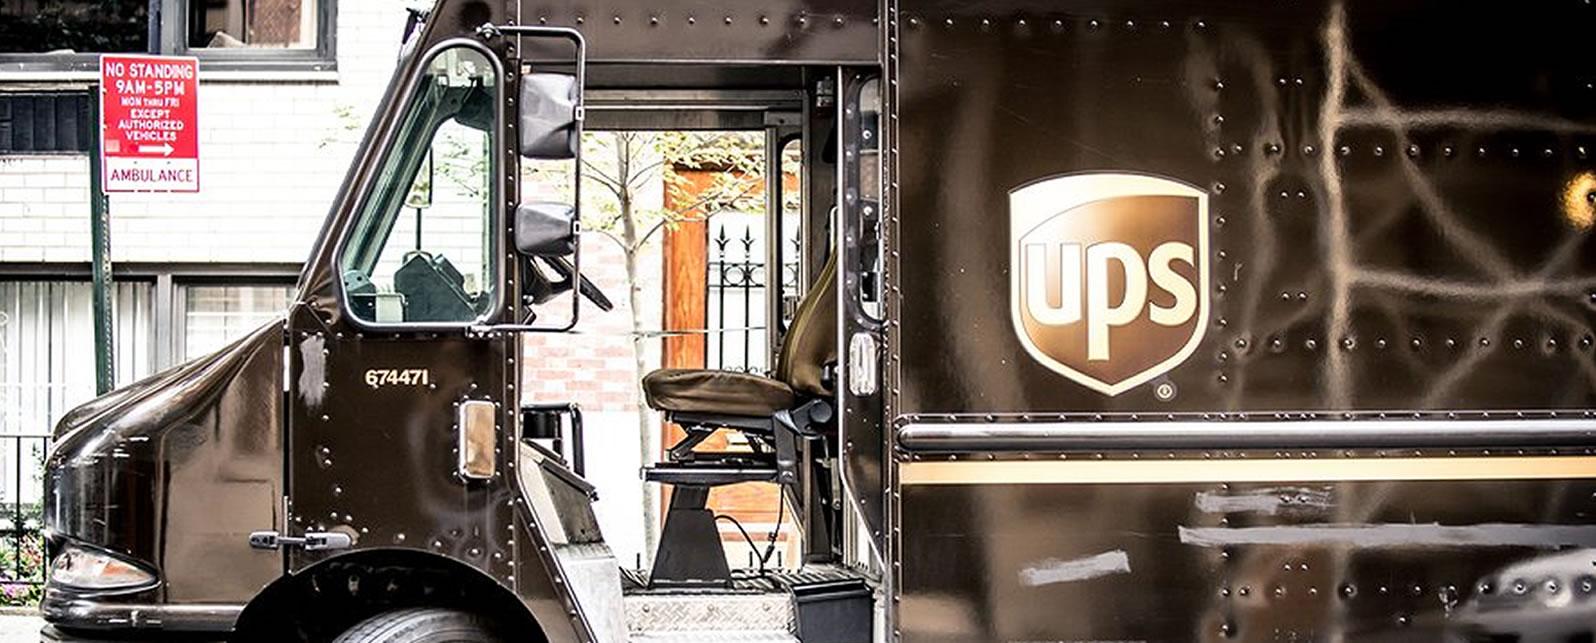 UPS-Envios-desde-Colombia-yotraigo